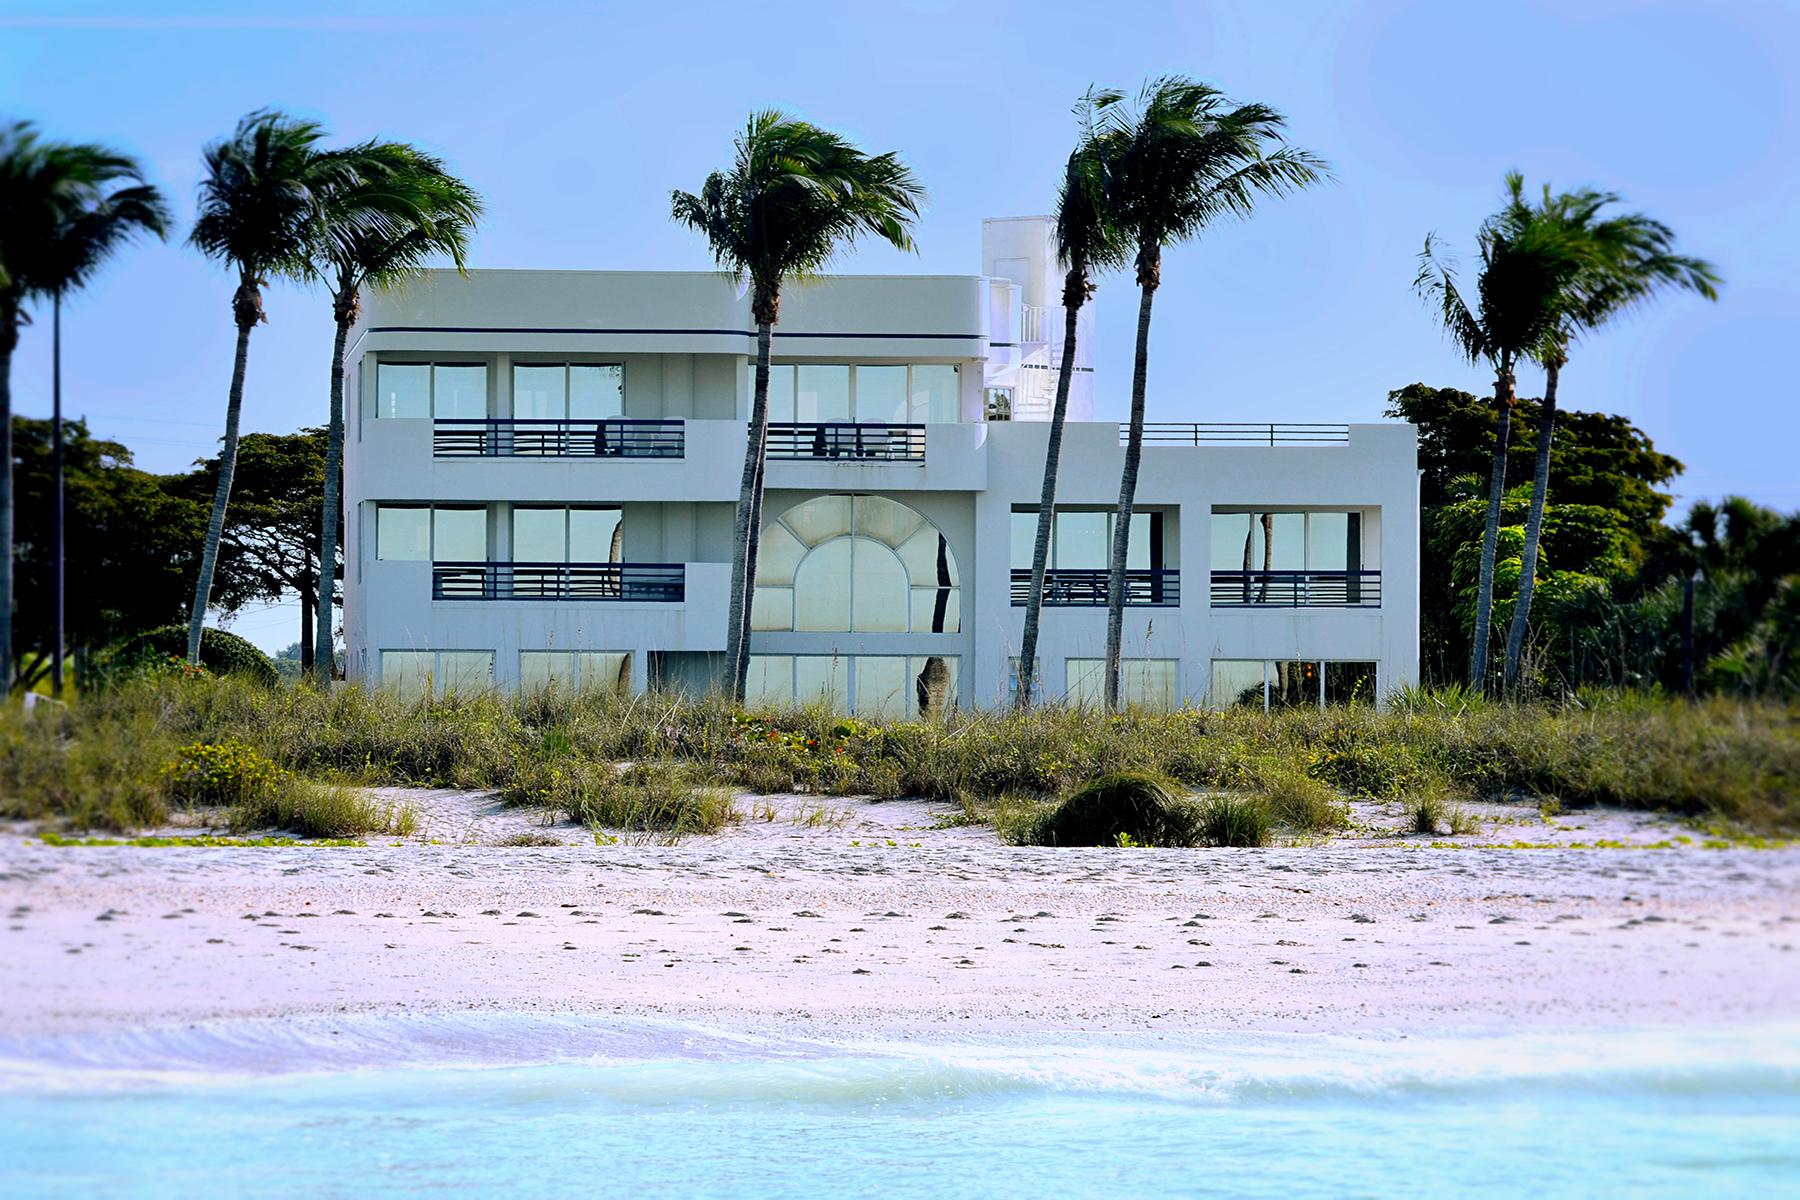 Tek Ailelik Ev için Satış at 602 S Casey Key Rd , Nokomis, FL 34275 Casey Key, Nokomis, Florida, 34275 Amerika Birleşik Devletleri